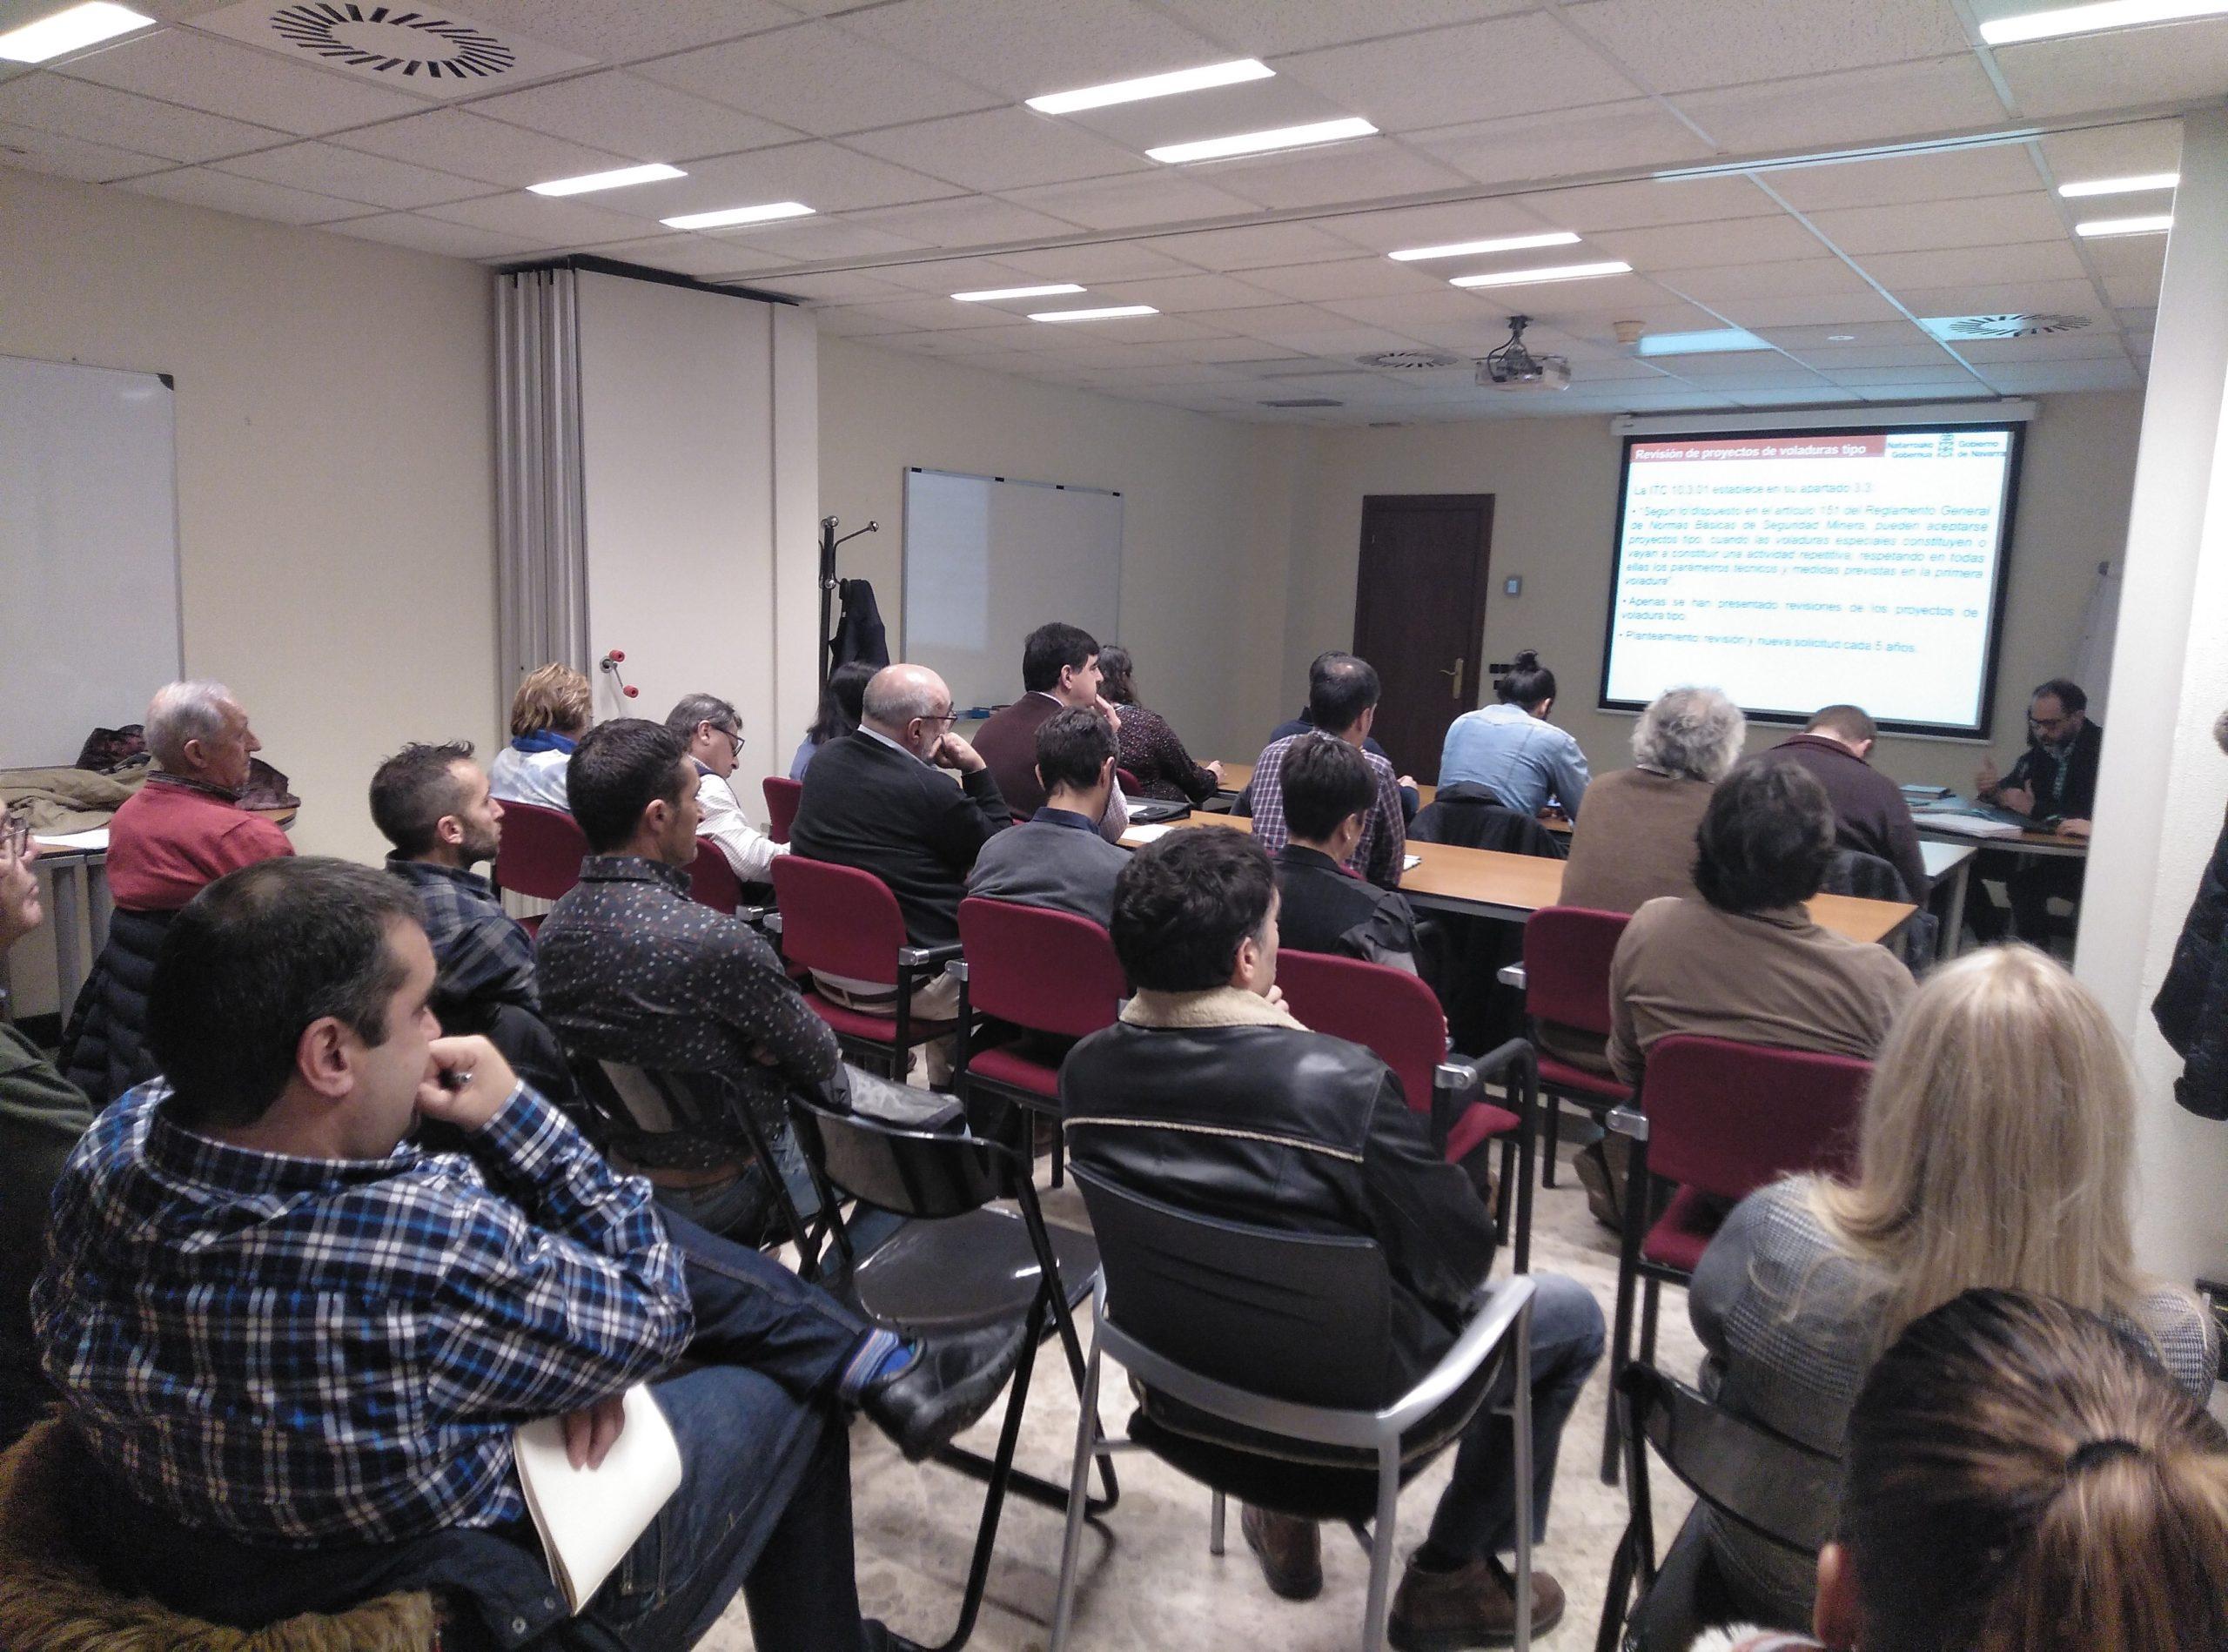 Gobierno de Navarra convoca un año más a los Directores Facultativos de la Comunidad Foral a una reunión informativa